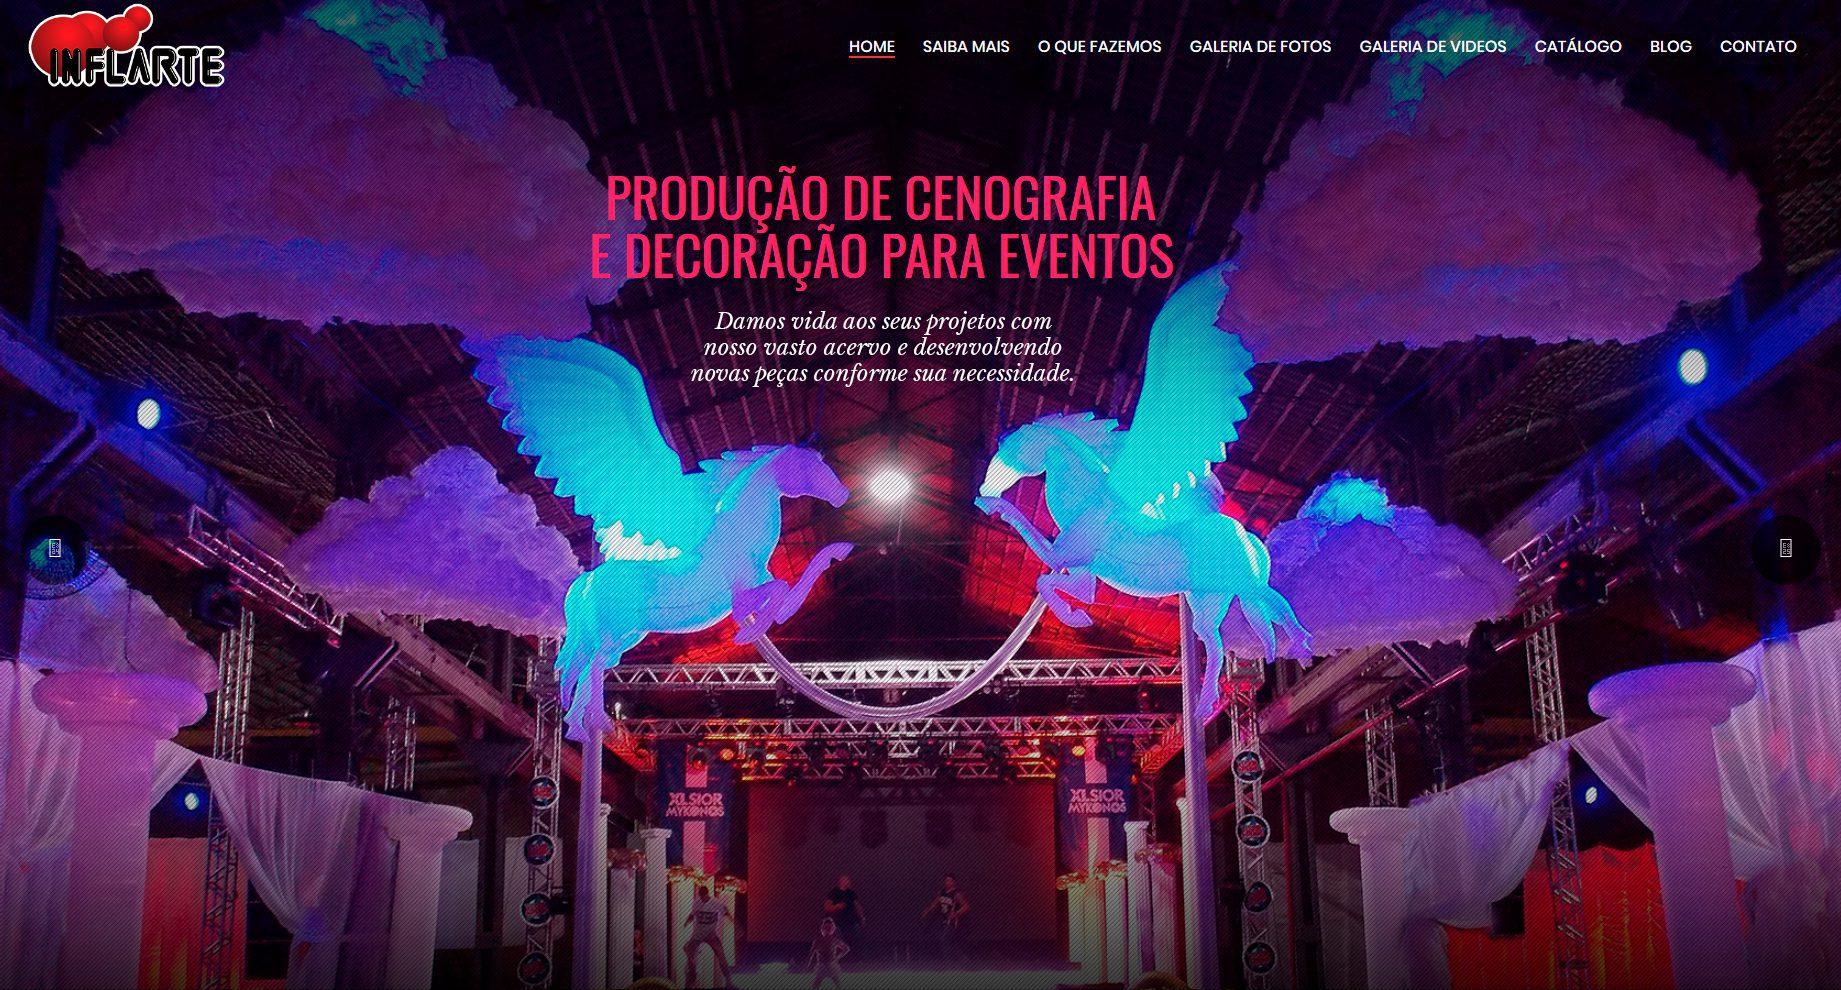 Criação de Sites para Decoração de Eventos